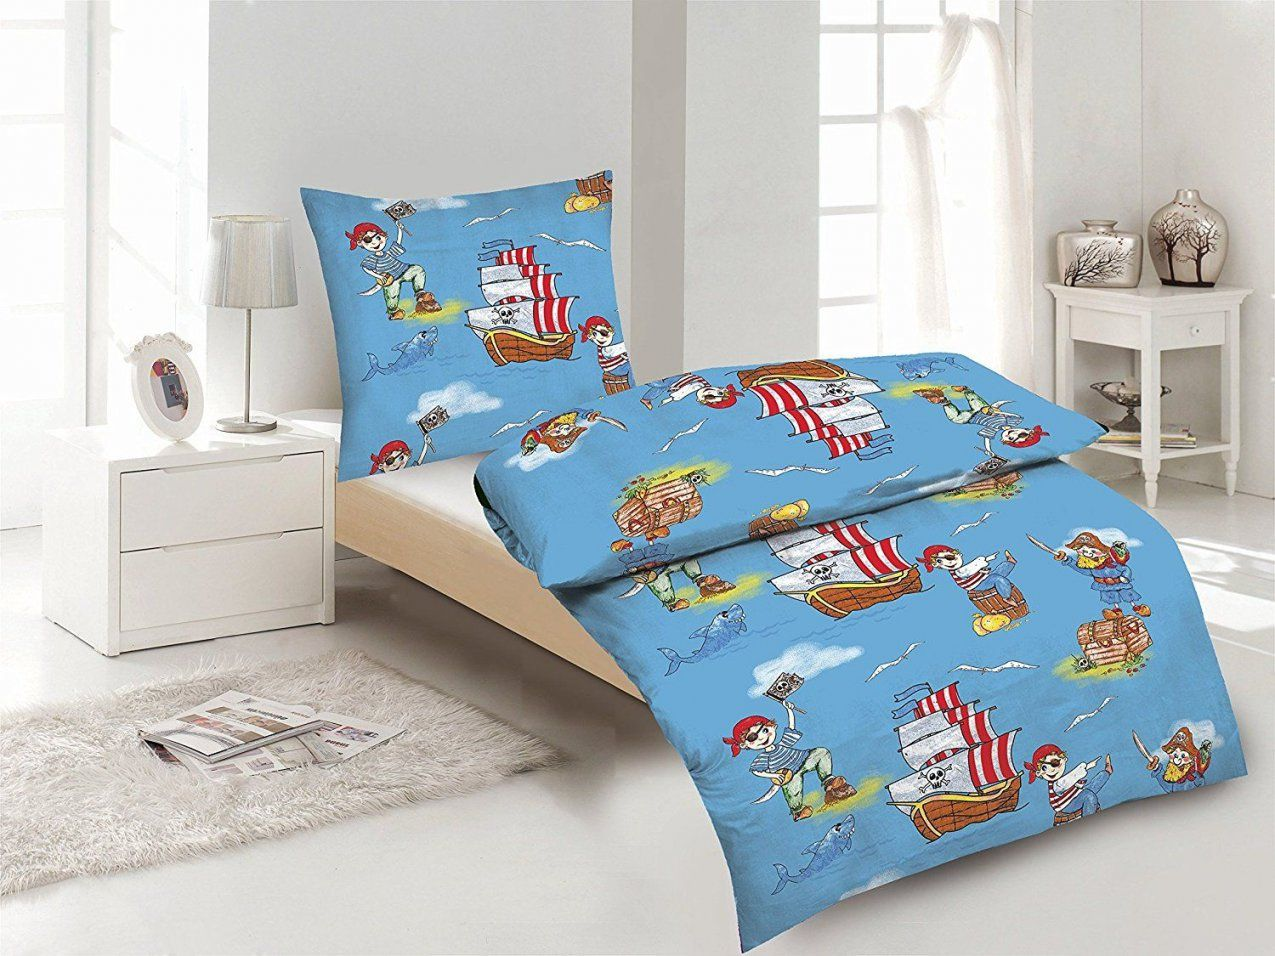 Luxurios Microfaser Fleece Bettwasche Kinder Bettwasche Ideen Von